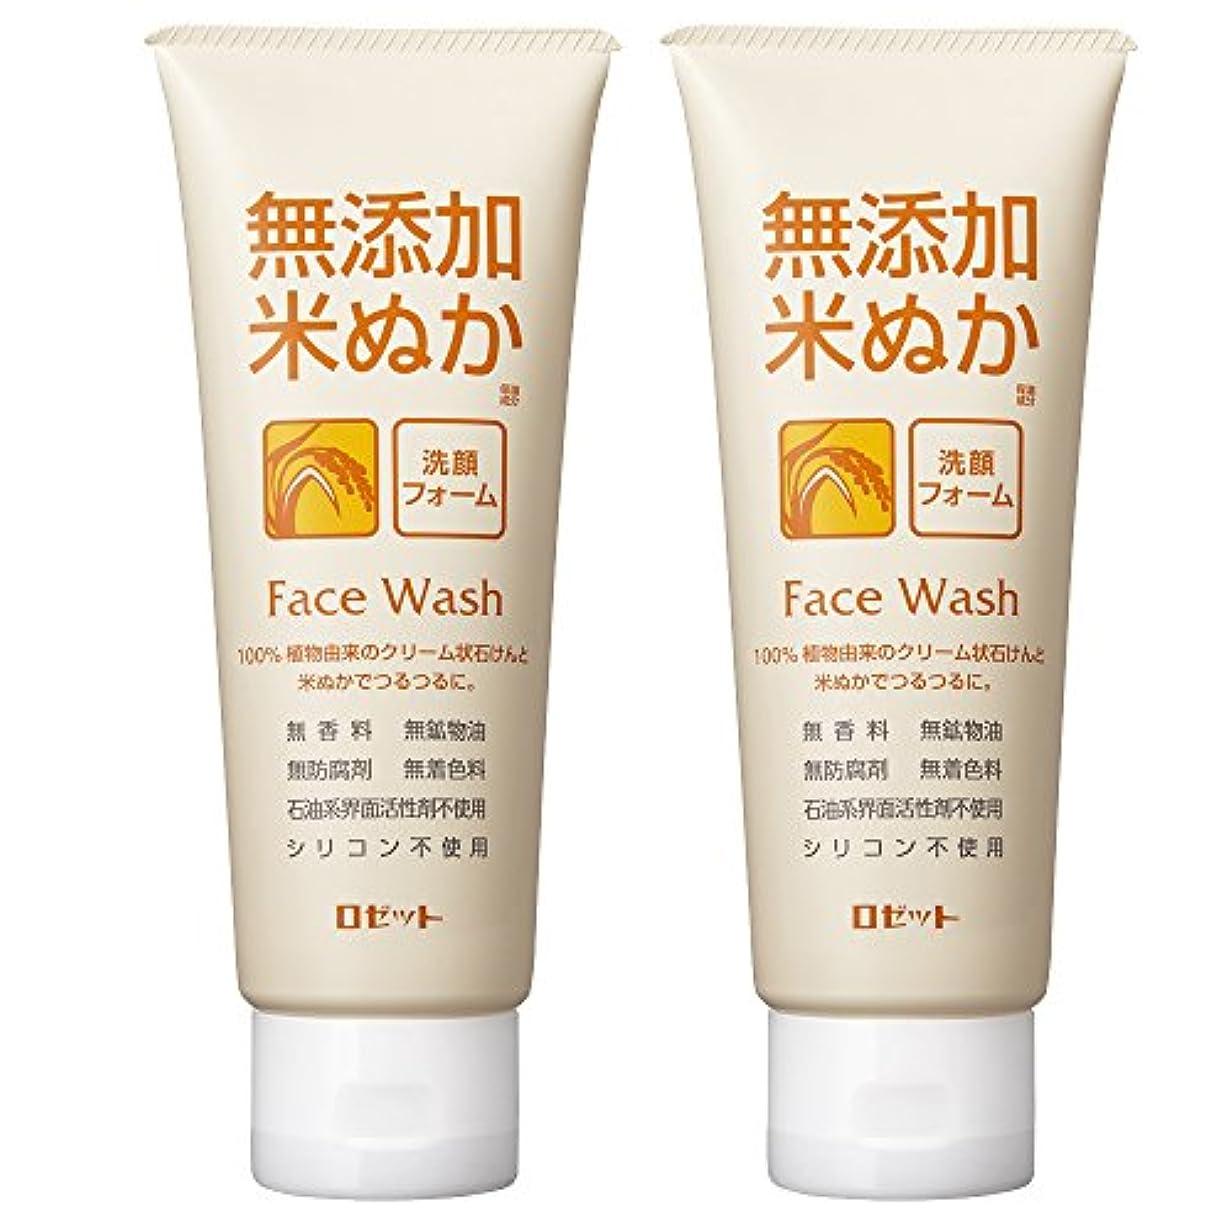 魅了する素晴らしいです製品ロゼット 無添加米ぬか 洗顔フォーム 140g×2個パック AZ